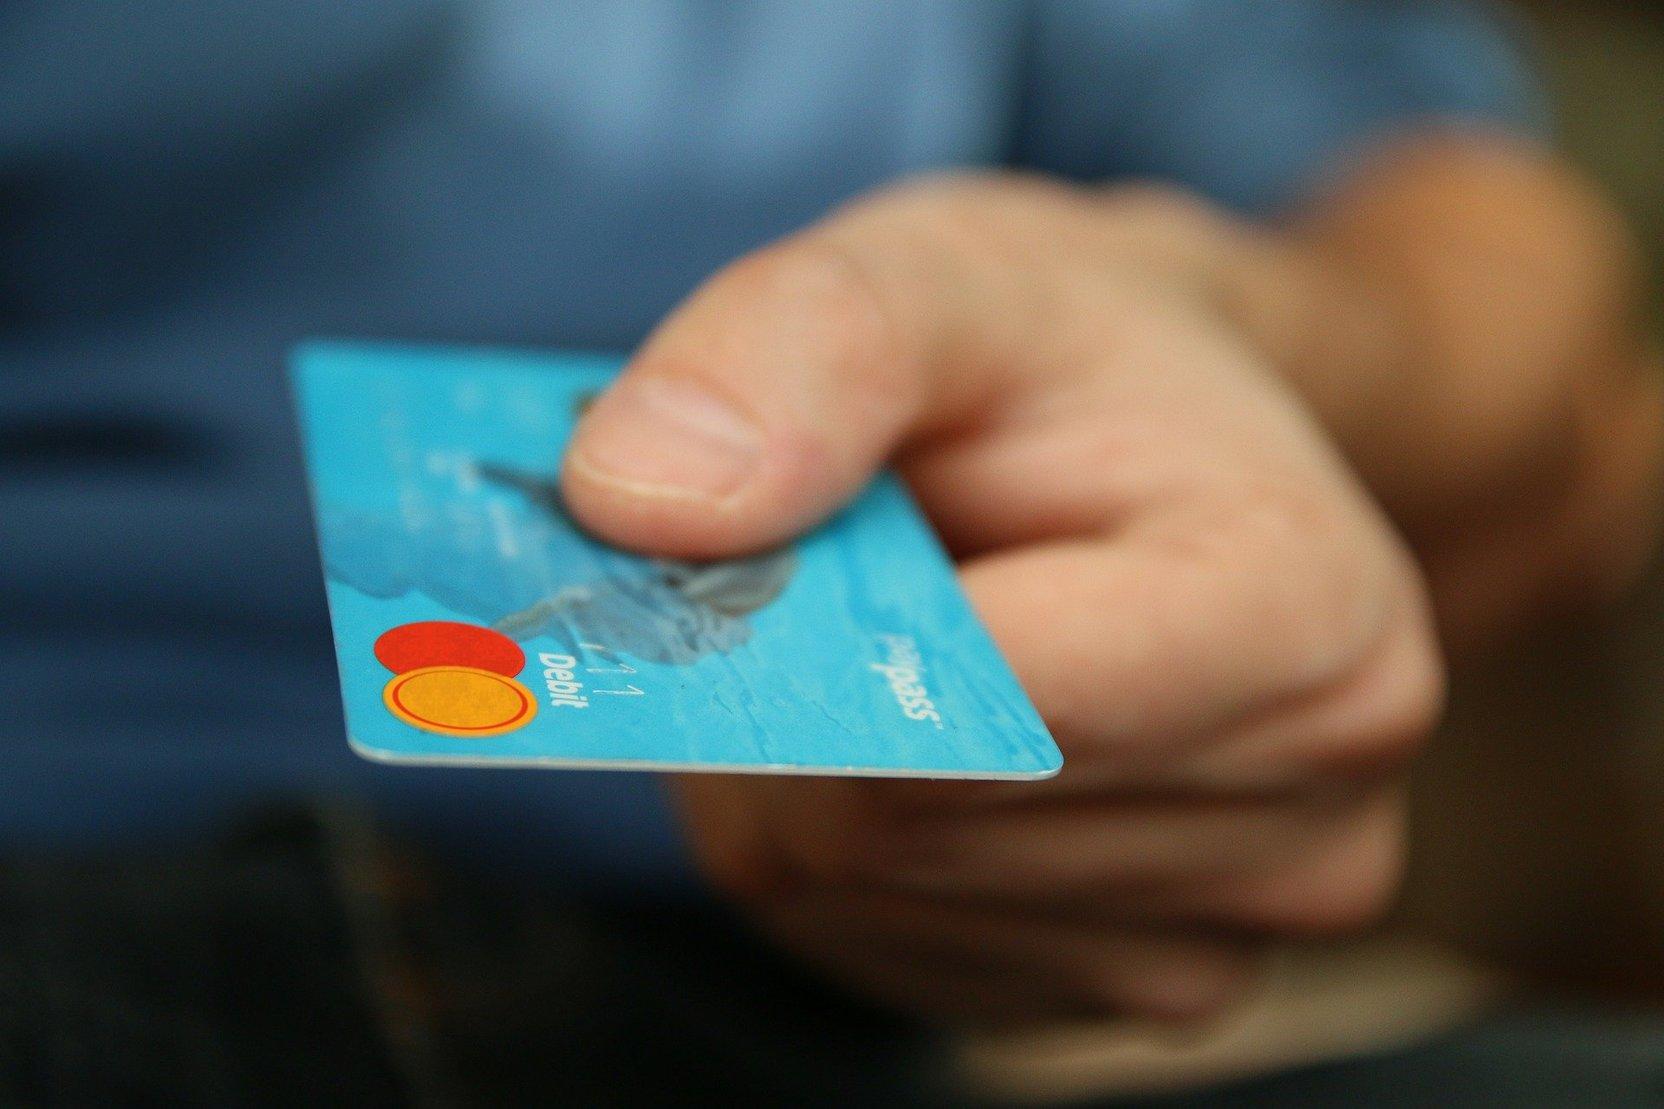 Мошенники придумали новый способ краж средств с банковских карт россиян